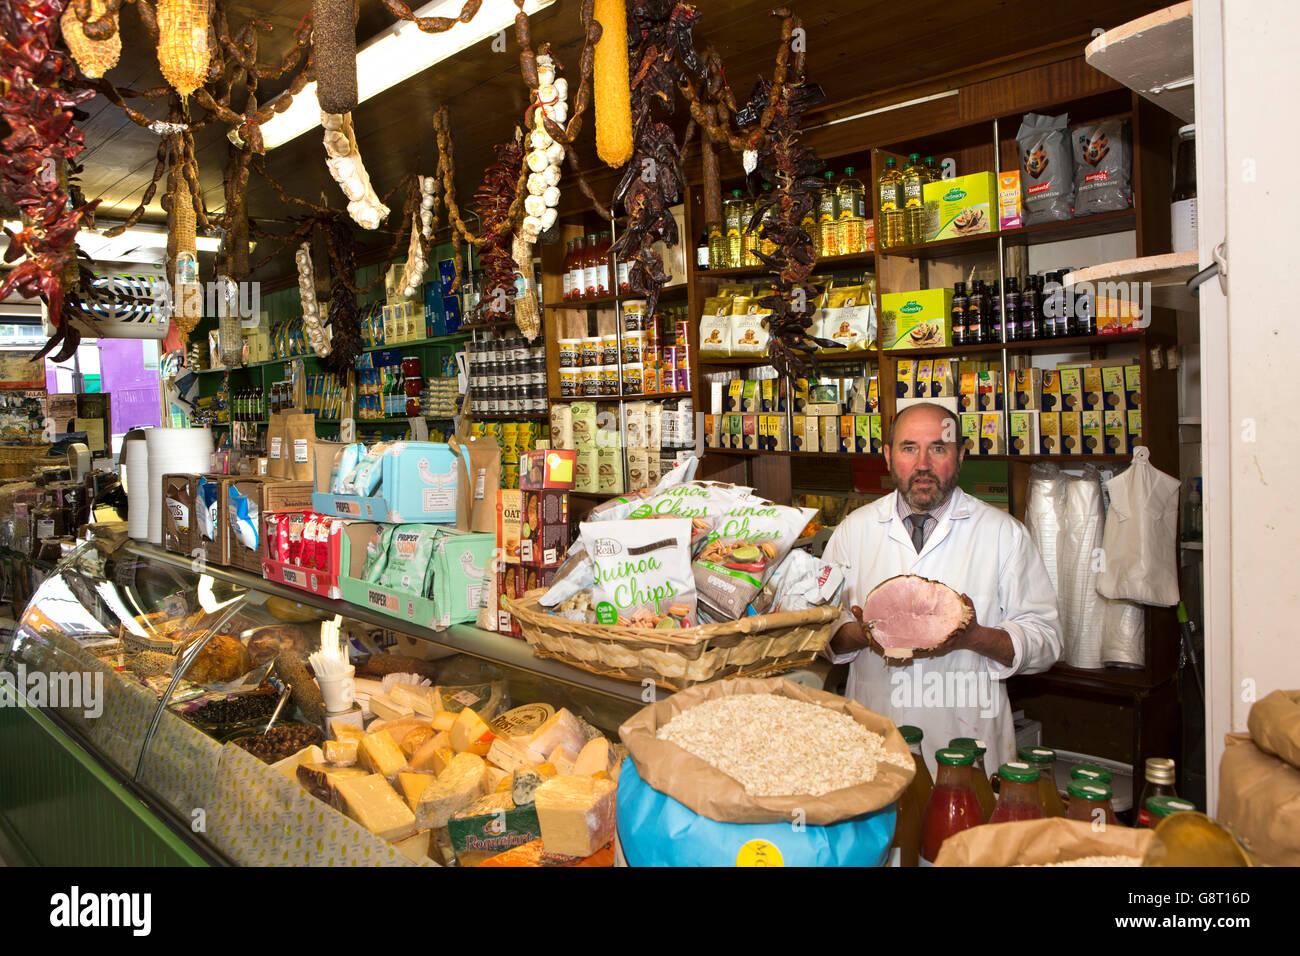 Ireland, Co Sligo, Sligo, Market Square, Michael Cosgrove in grocer's shop - Stock Image